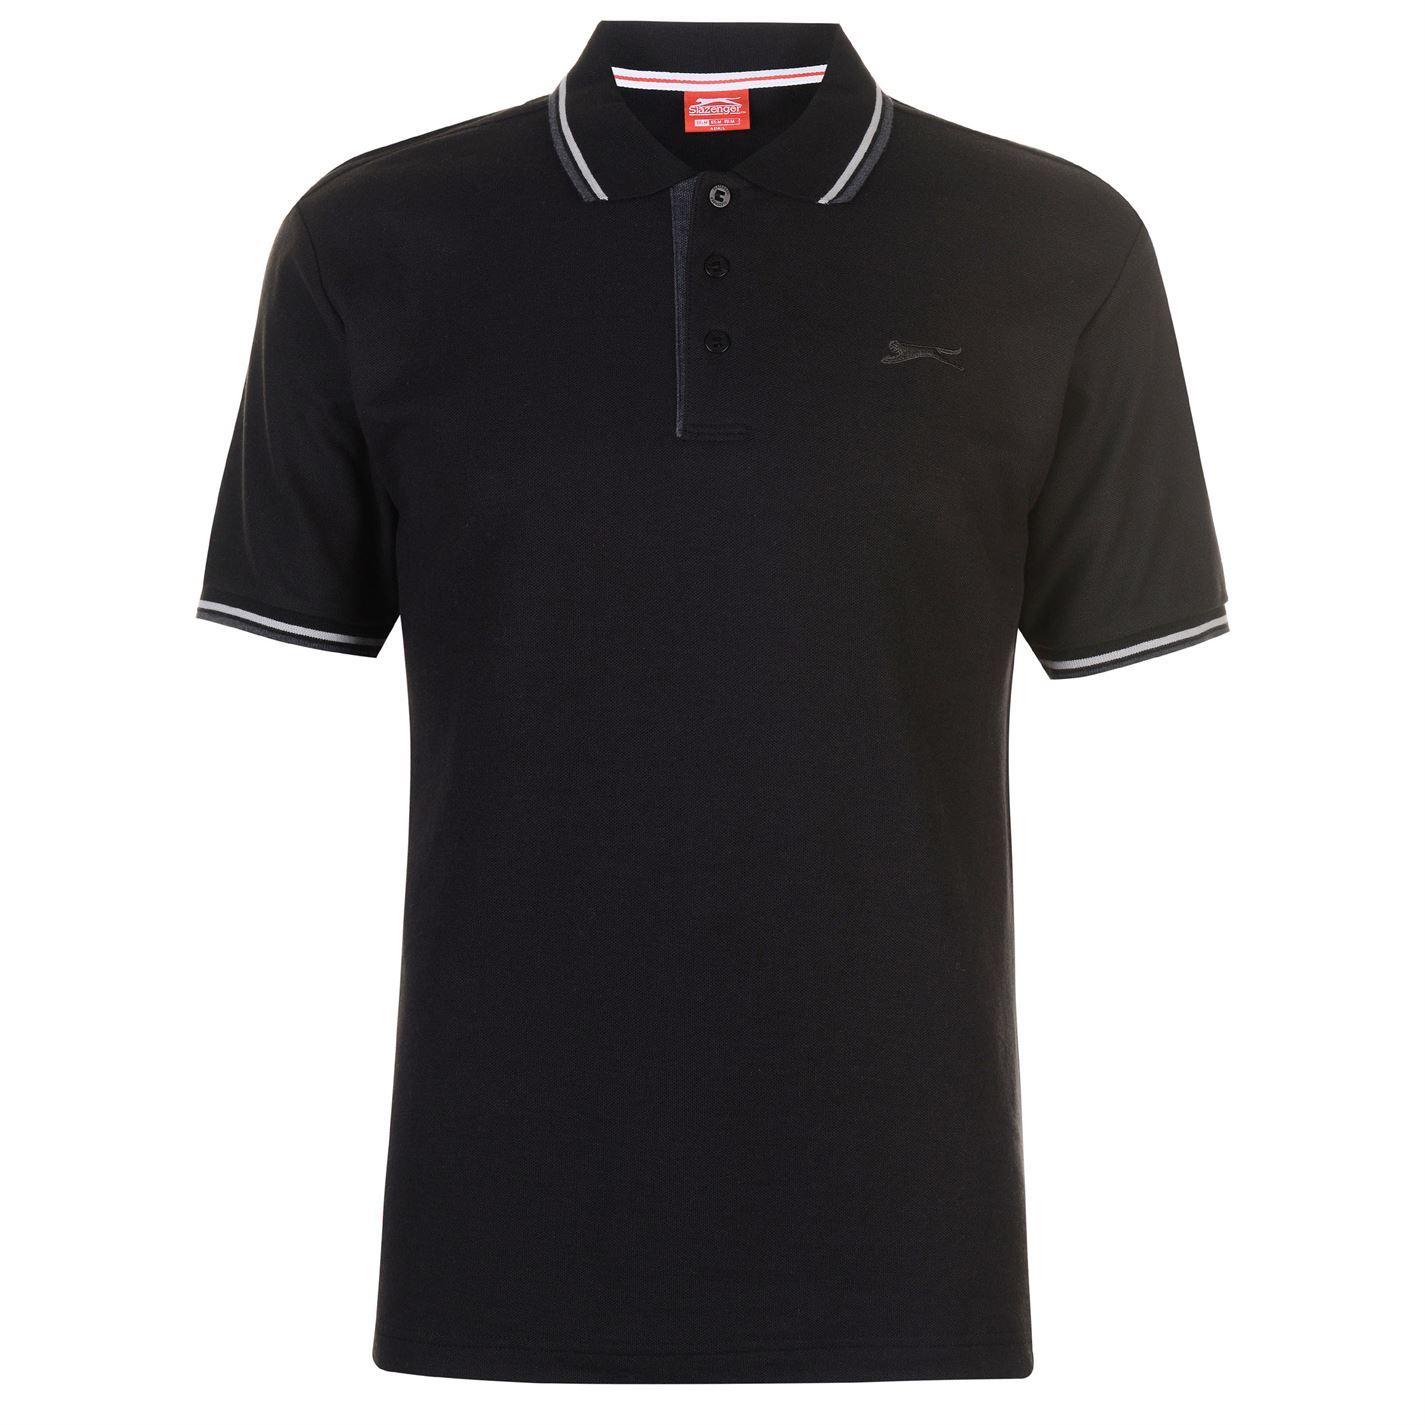 Slazenger-Polo-Camisa-de-hombre-con-cuello-con-Punta-T-Shirt-Top-Camiseta-Tee miniatura 4